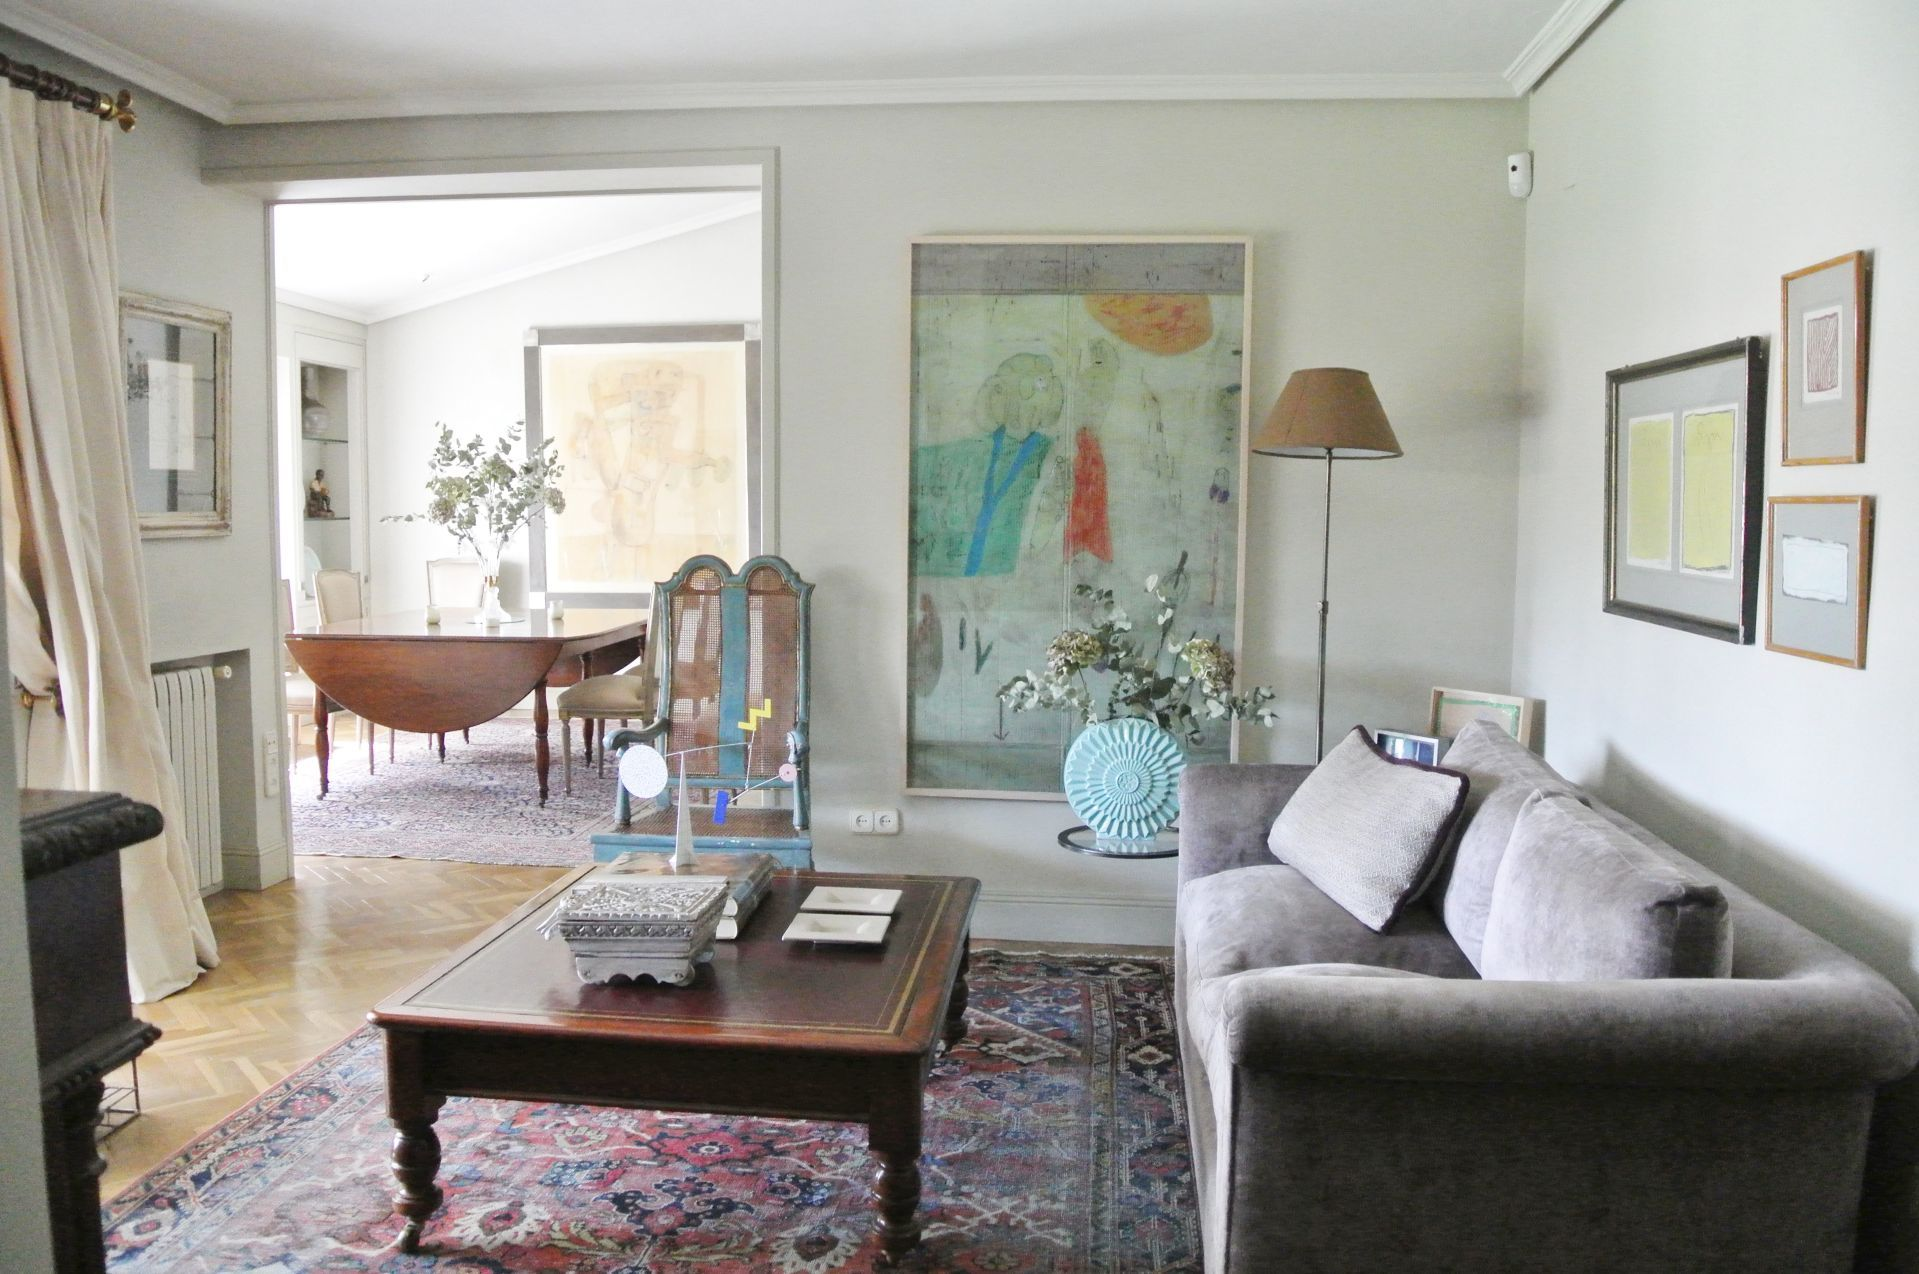 Casa / Chalet en Alcobendas, La Moraleja, venta